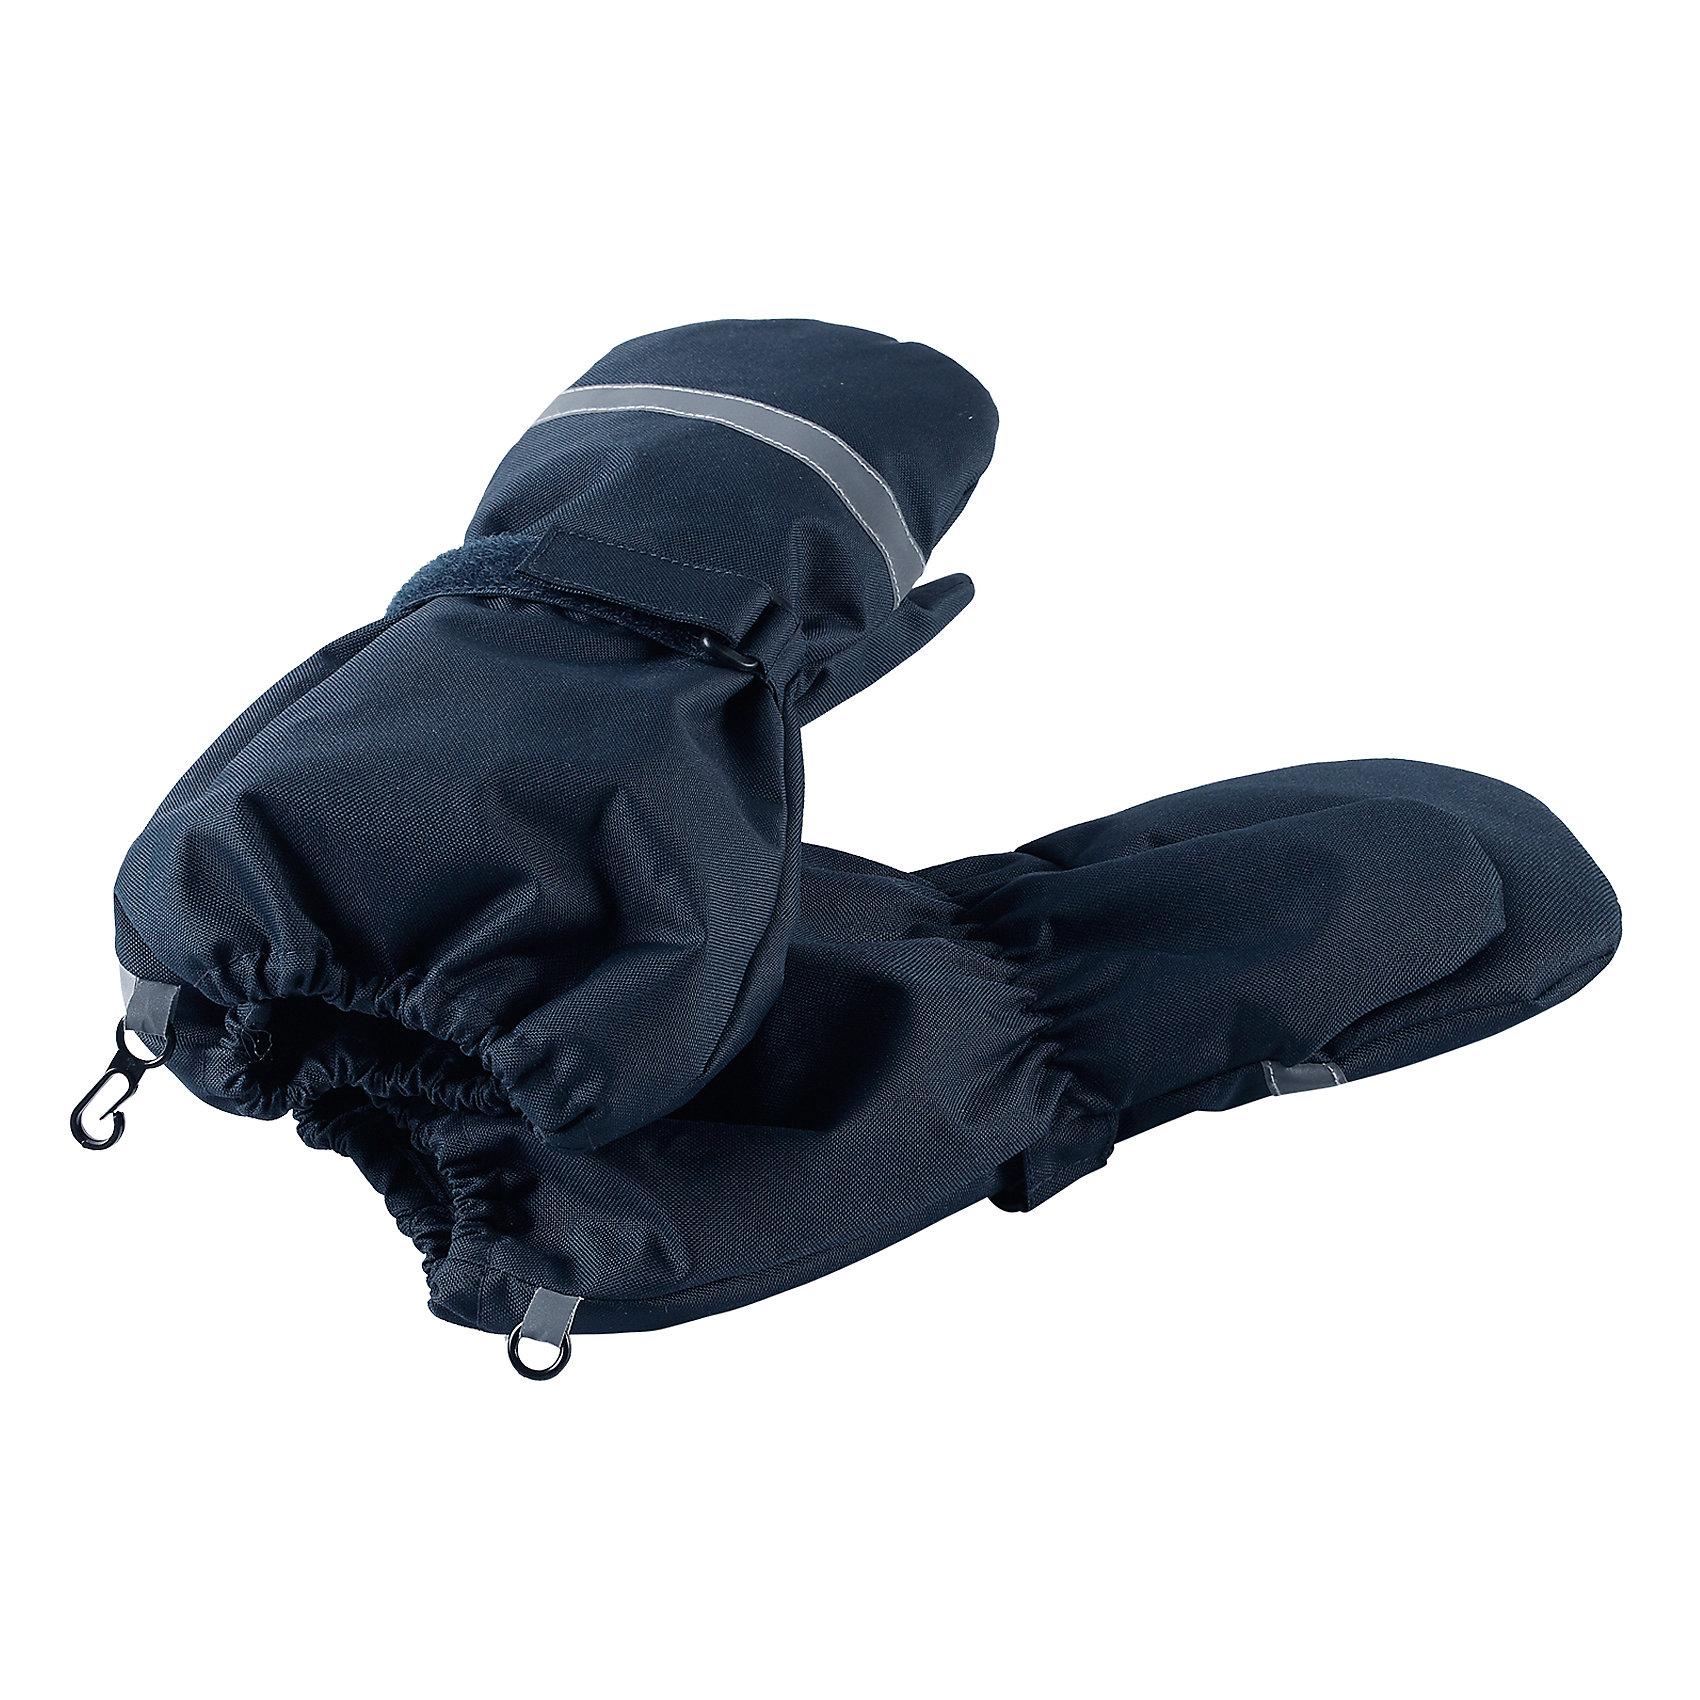 Варежки LassieПерчатки, варежки<br>Давайте слепим снеговика! Эти детские варежки усилены сверхпрочным материалом, который гарантирует отсутствие скольжения даже на ледяных поверхностях – катать в них снежки просто и весело! Нежная и мягкая на ощупь трикотажная подкладка с начесом обеспечивает дополнительное утепление. Благодаря удобной застежке на липучке они хорошо и плотно сидят на руке.<br>Состав:<br>100% Полиэстер<br><br>Ширина мм: 162<br>Глубина мм: 171<br>Высота мм: 55<br>Вес г: 119<br>Цвет: синий<br>Возраст от месяцев: 96<br>Возраст до месяцев: 120<br>Пол: Унисекс<br>Возраст: Детский<br>Размер: 6,3,4,5<br>SKU: 6928036